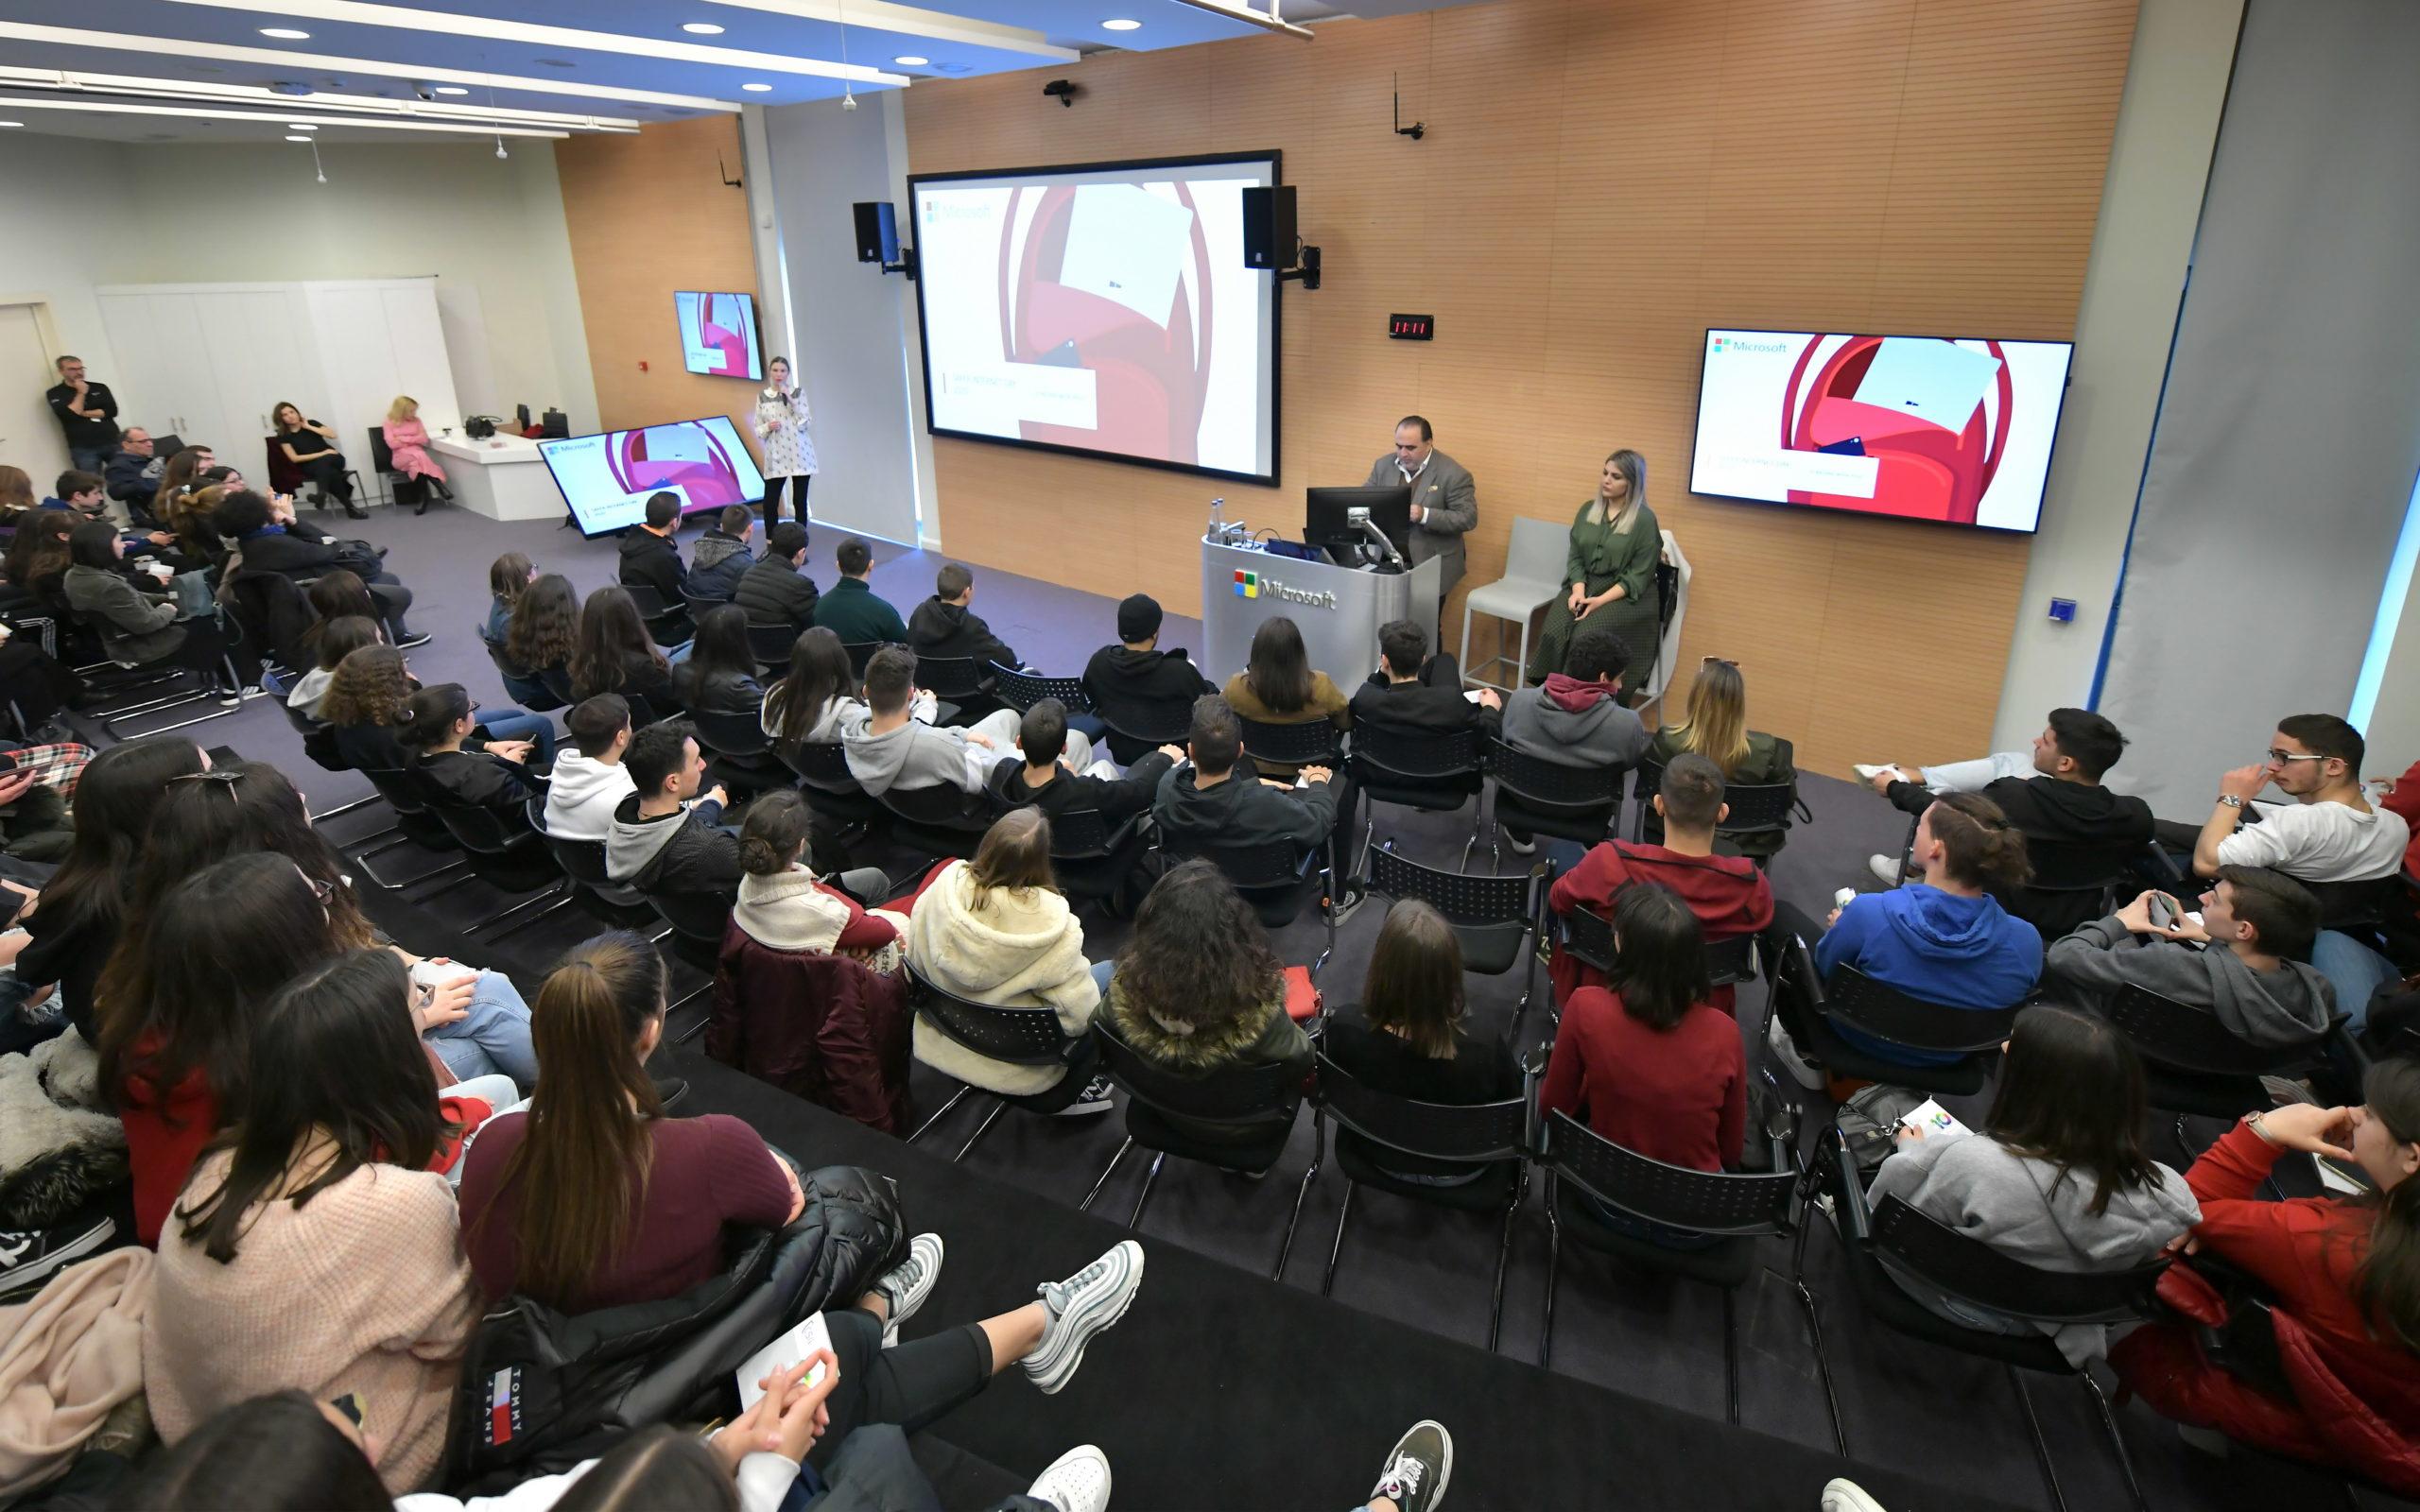 Η Microsoft και το CSI Institute κοντά στα παιδιά για την Ημέρα Ασφαλούς Διαδικτύου